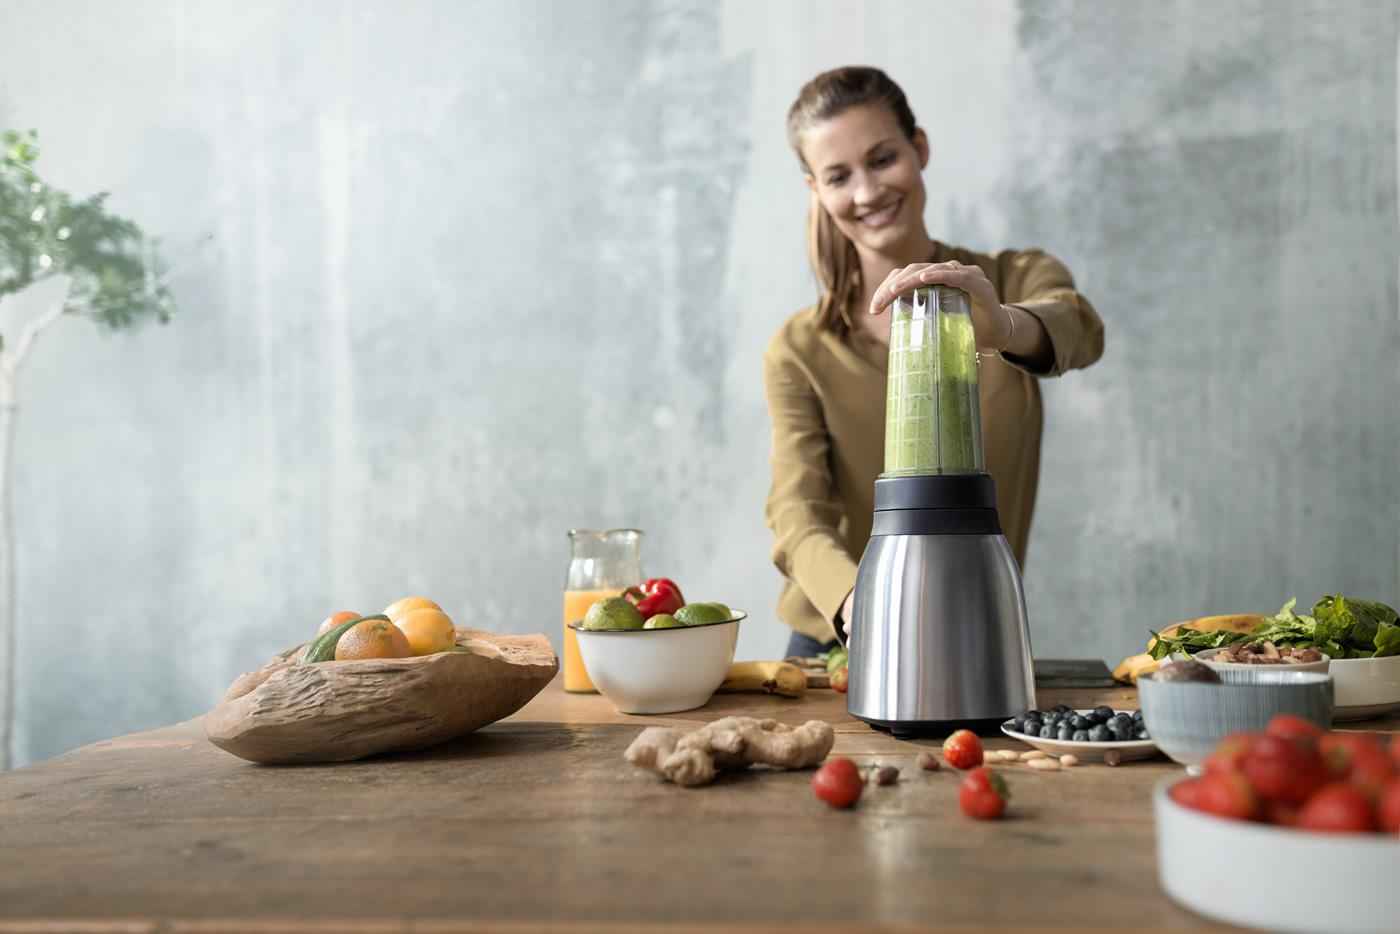 Здравословно хранене без блендер? Мисия възможна, но трудна